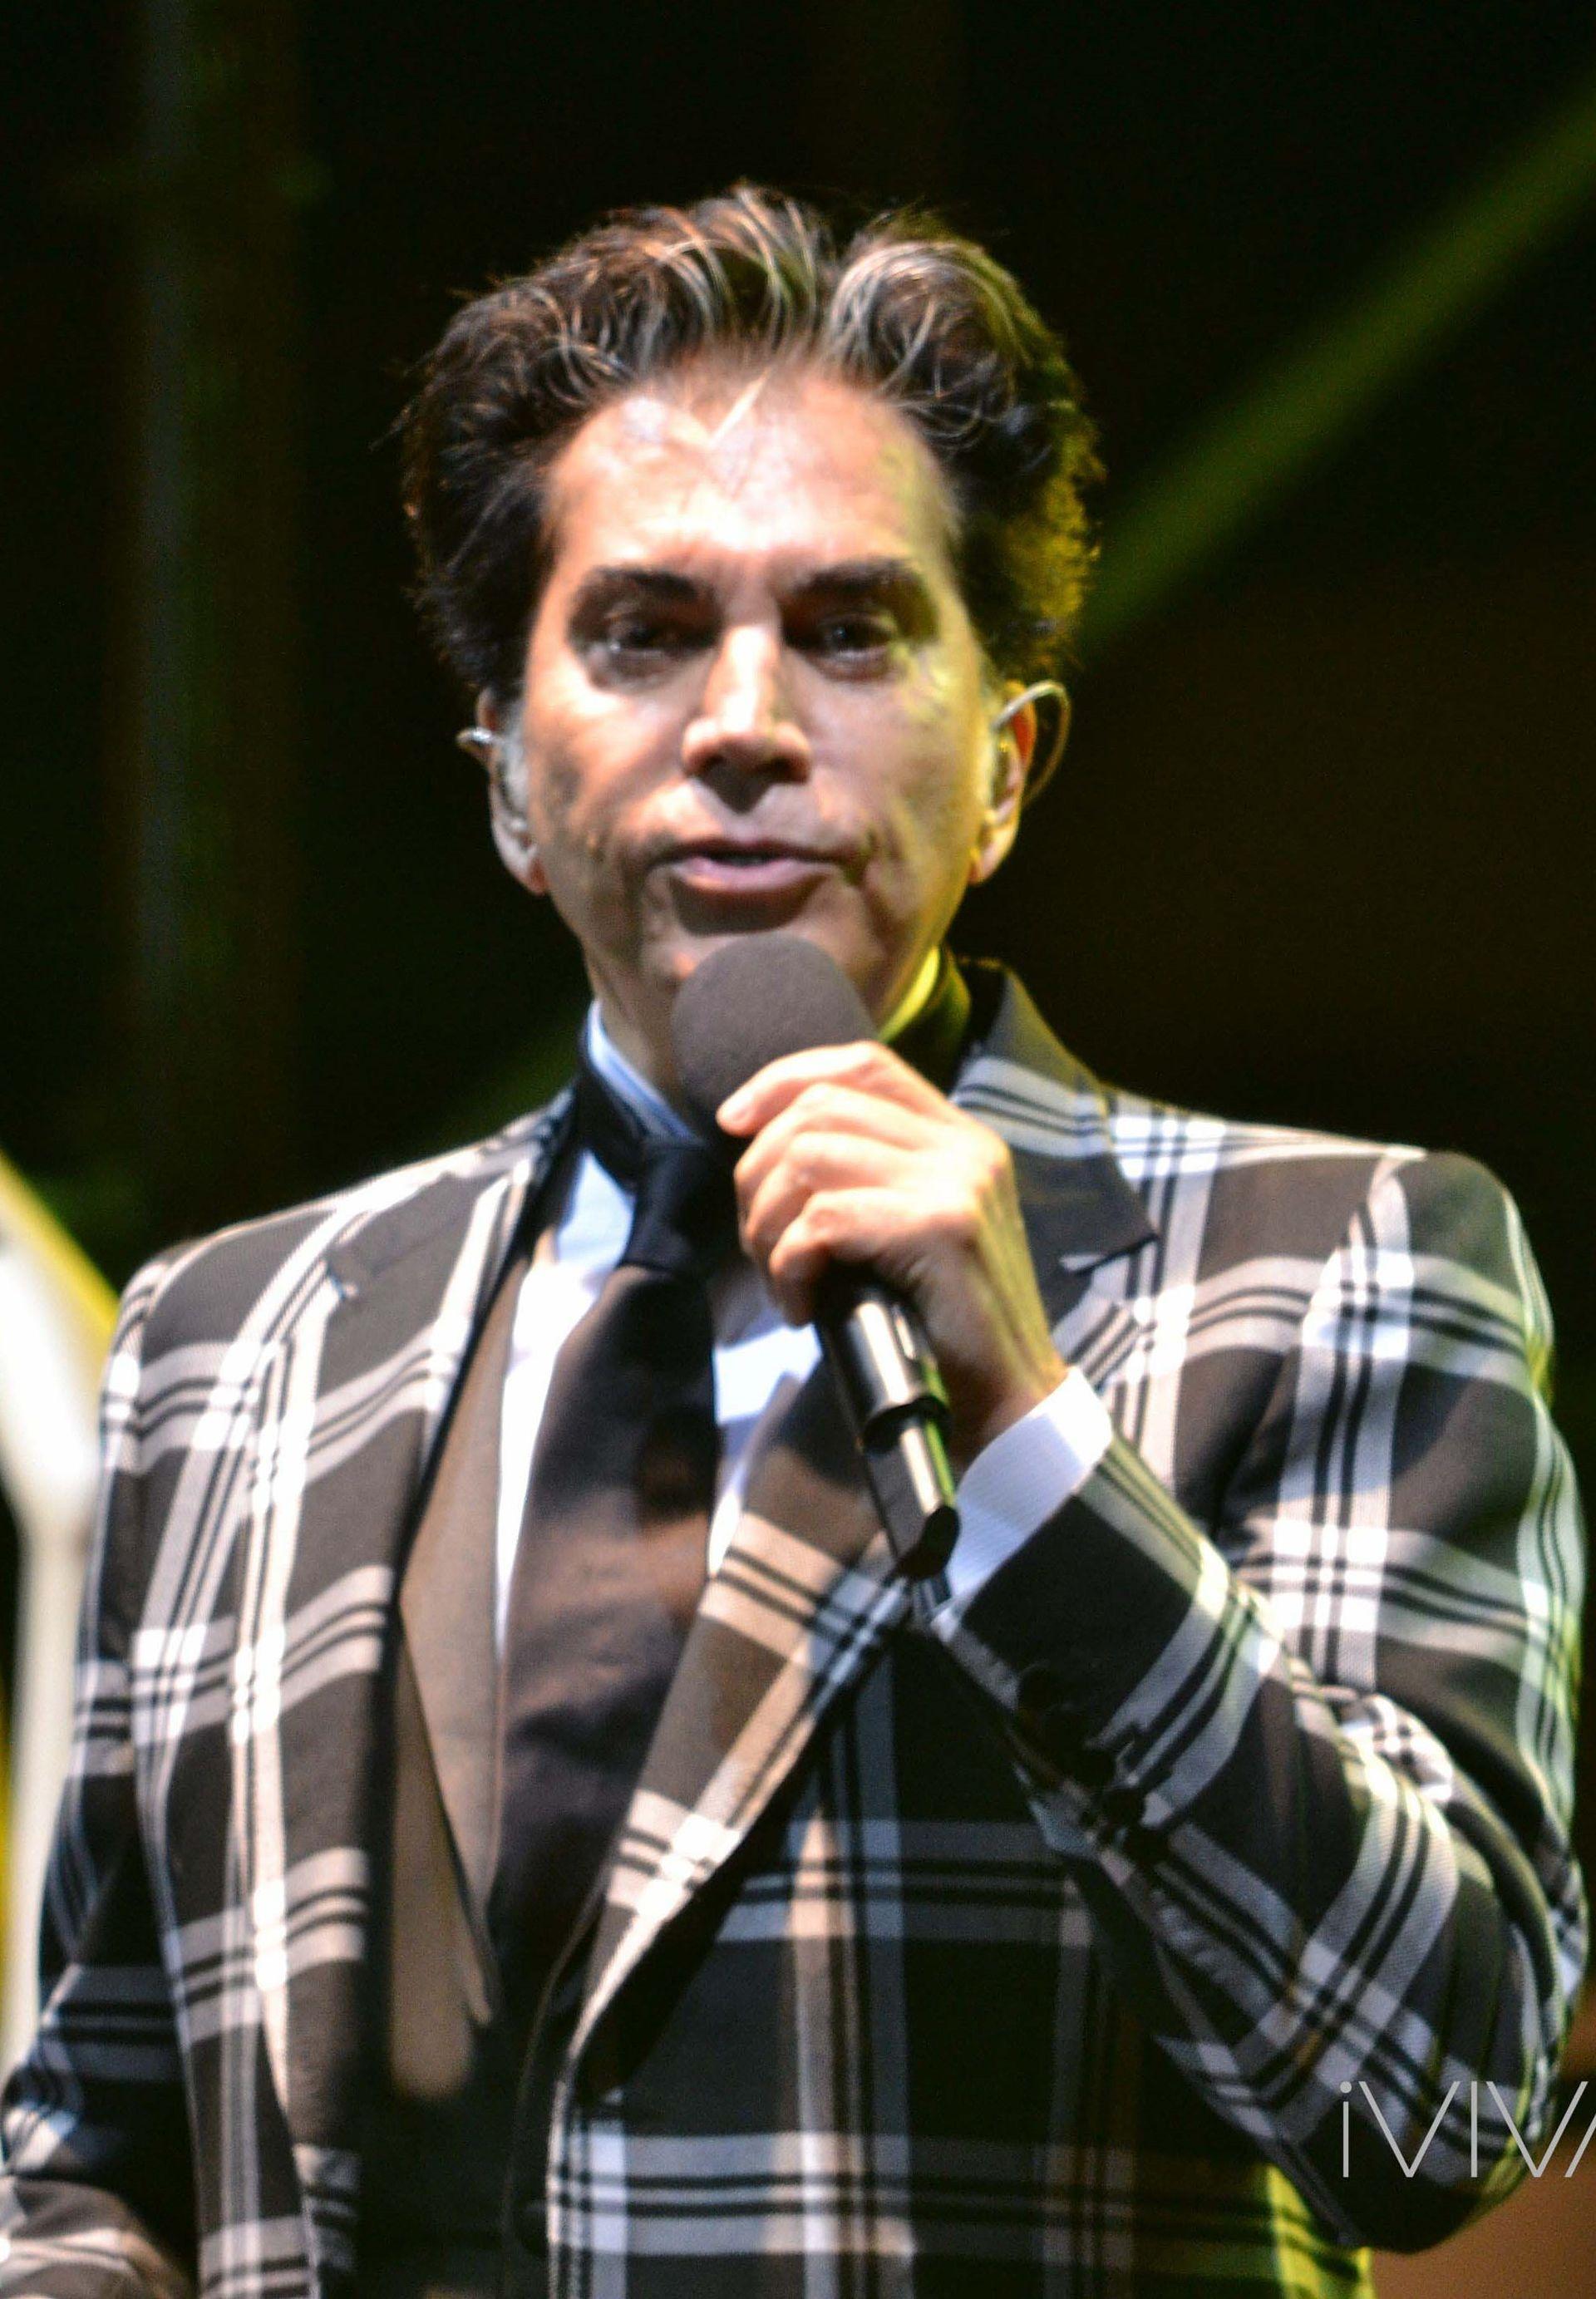 Jos 233 Luis Rodr 237 Guez Cantante Wikipedia La